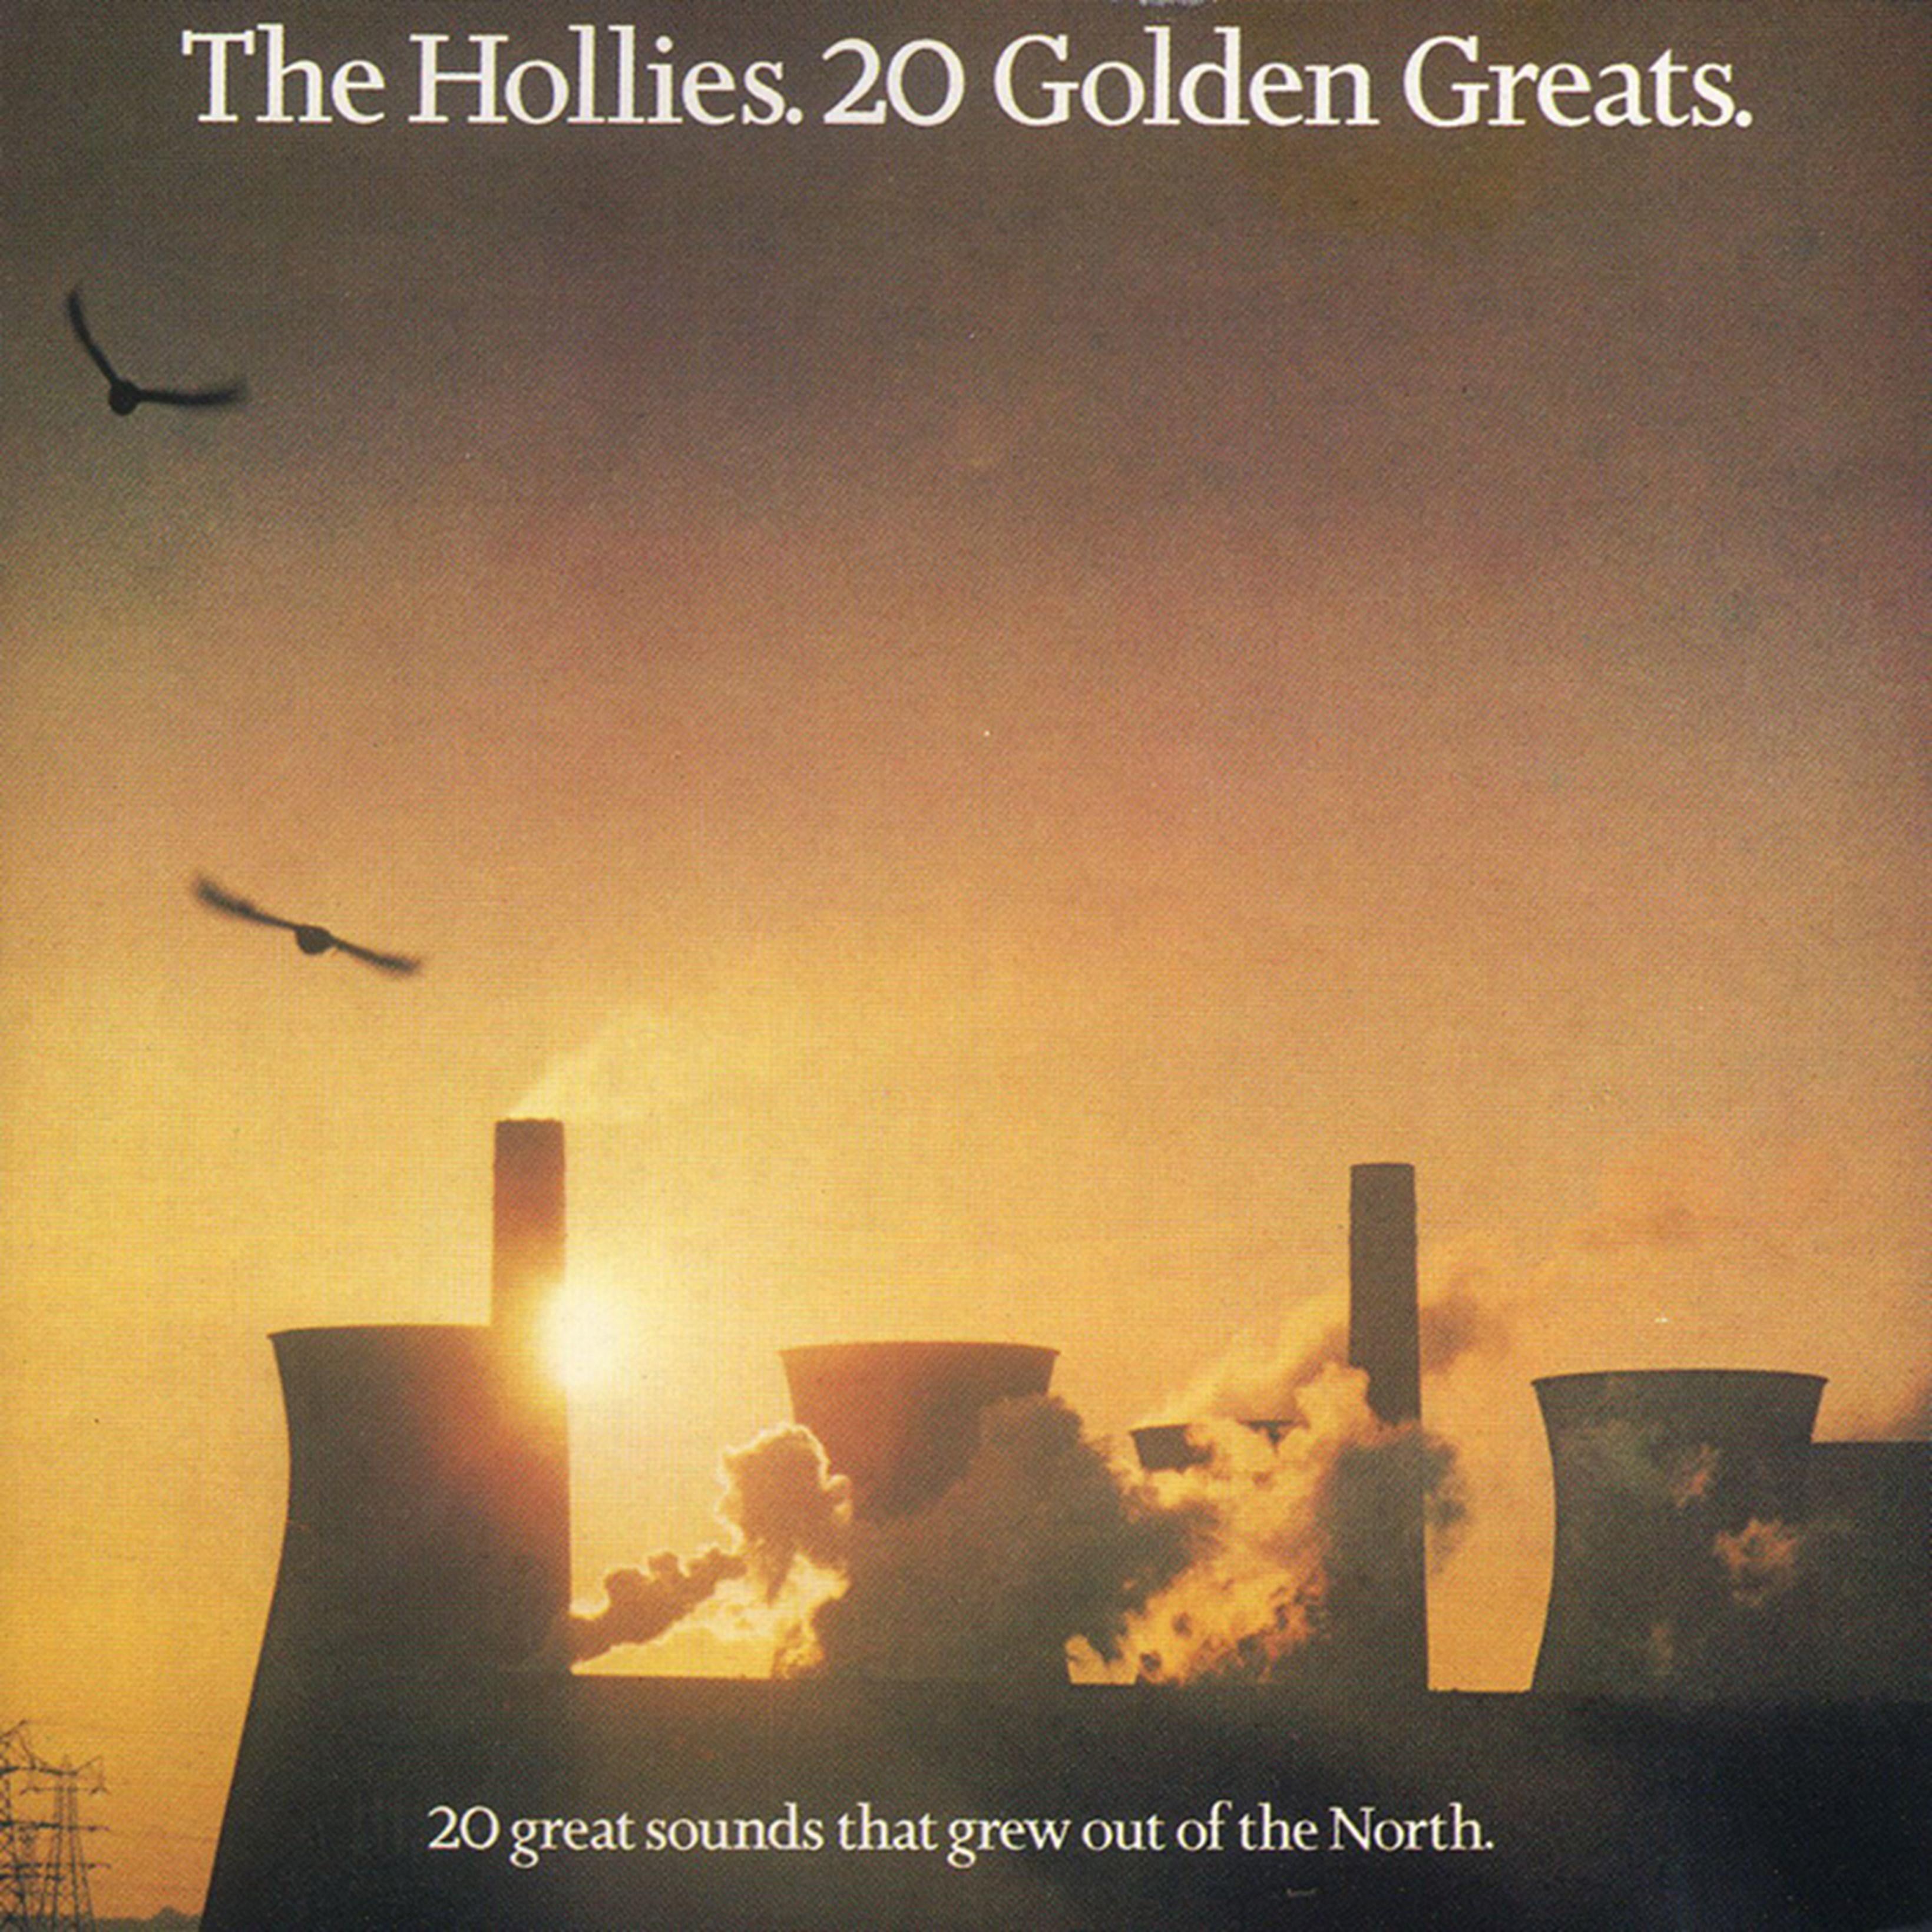 20 Golden Greats - 1